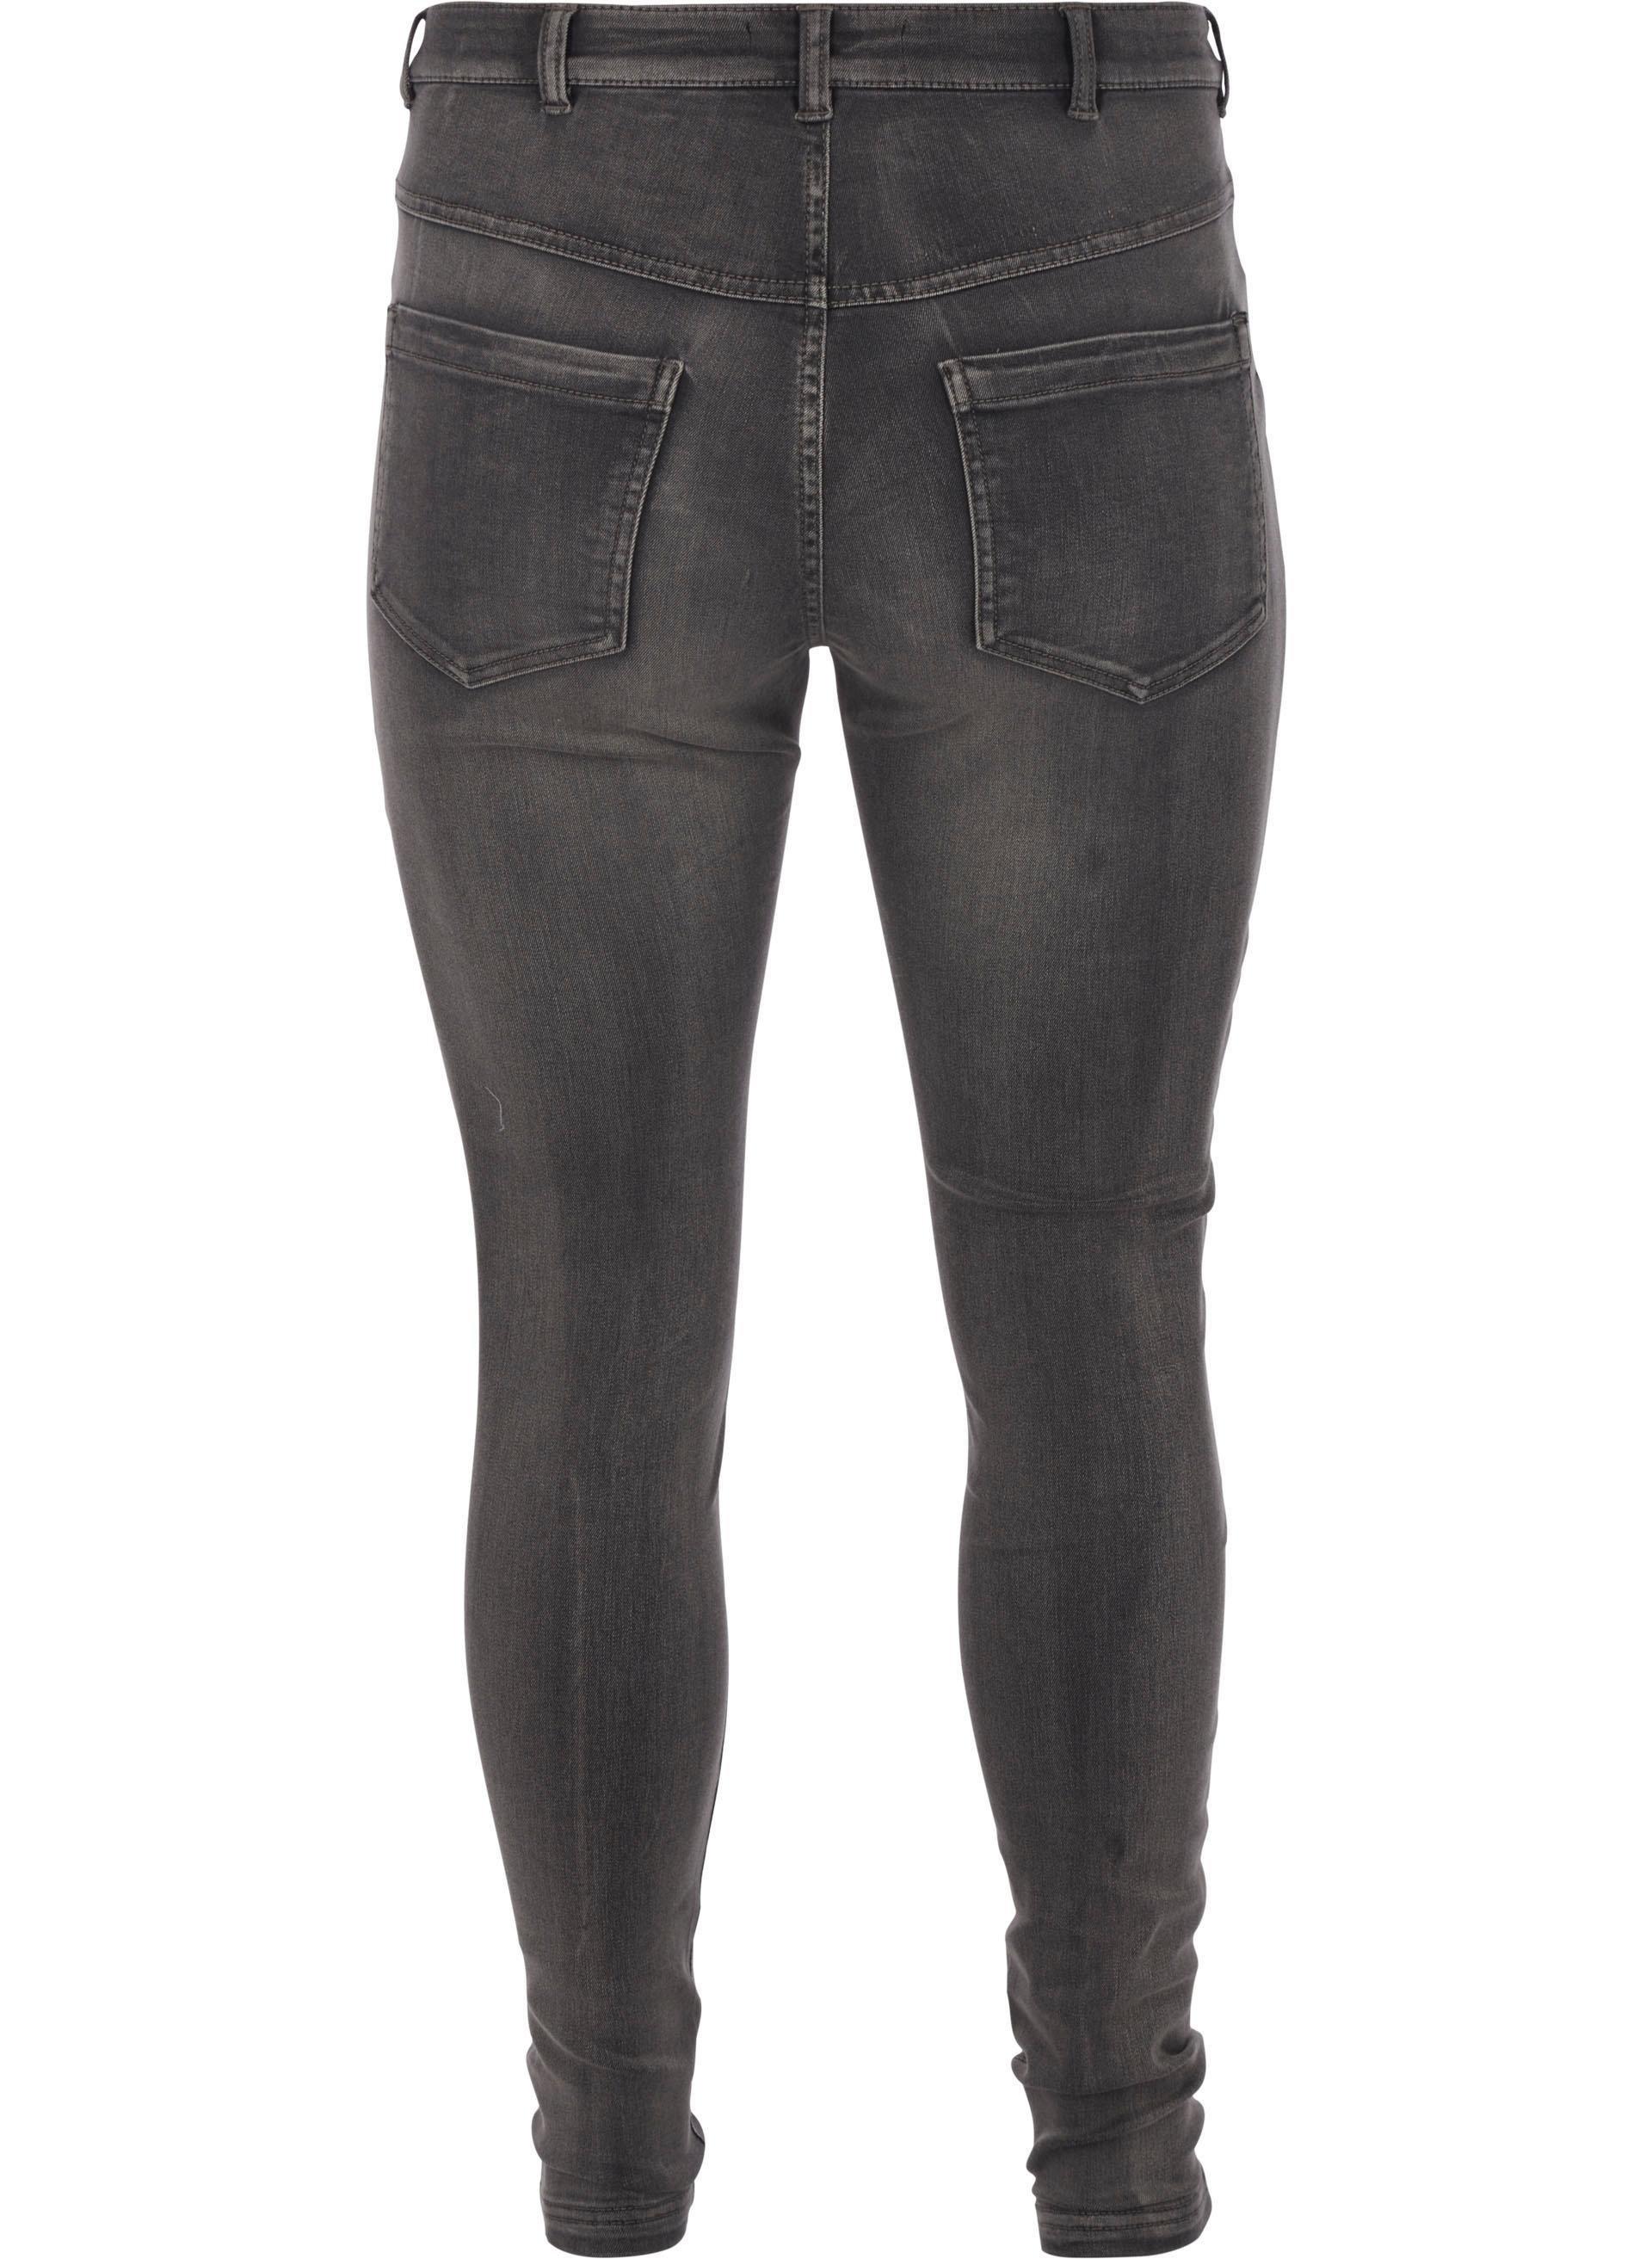 Zizzi slim fit jeans »Amy« veilig op otto.nl kopen